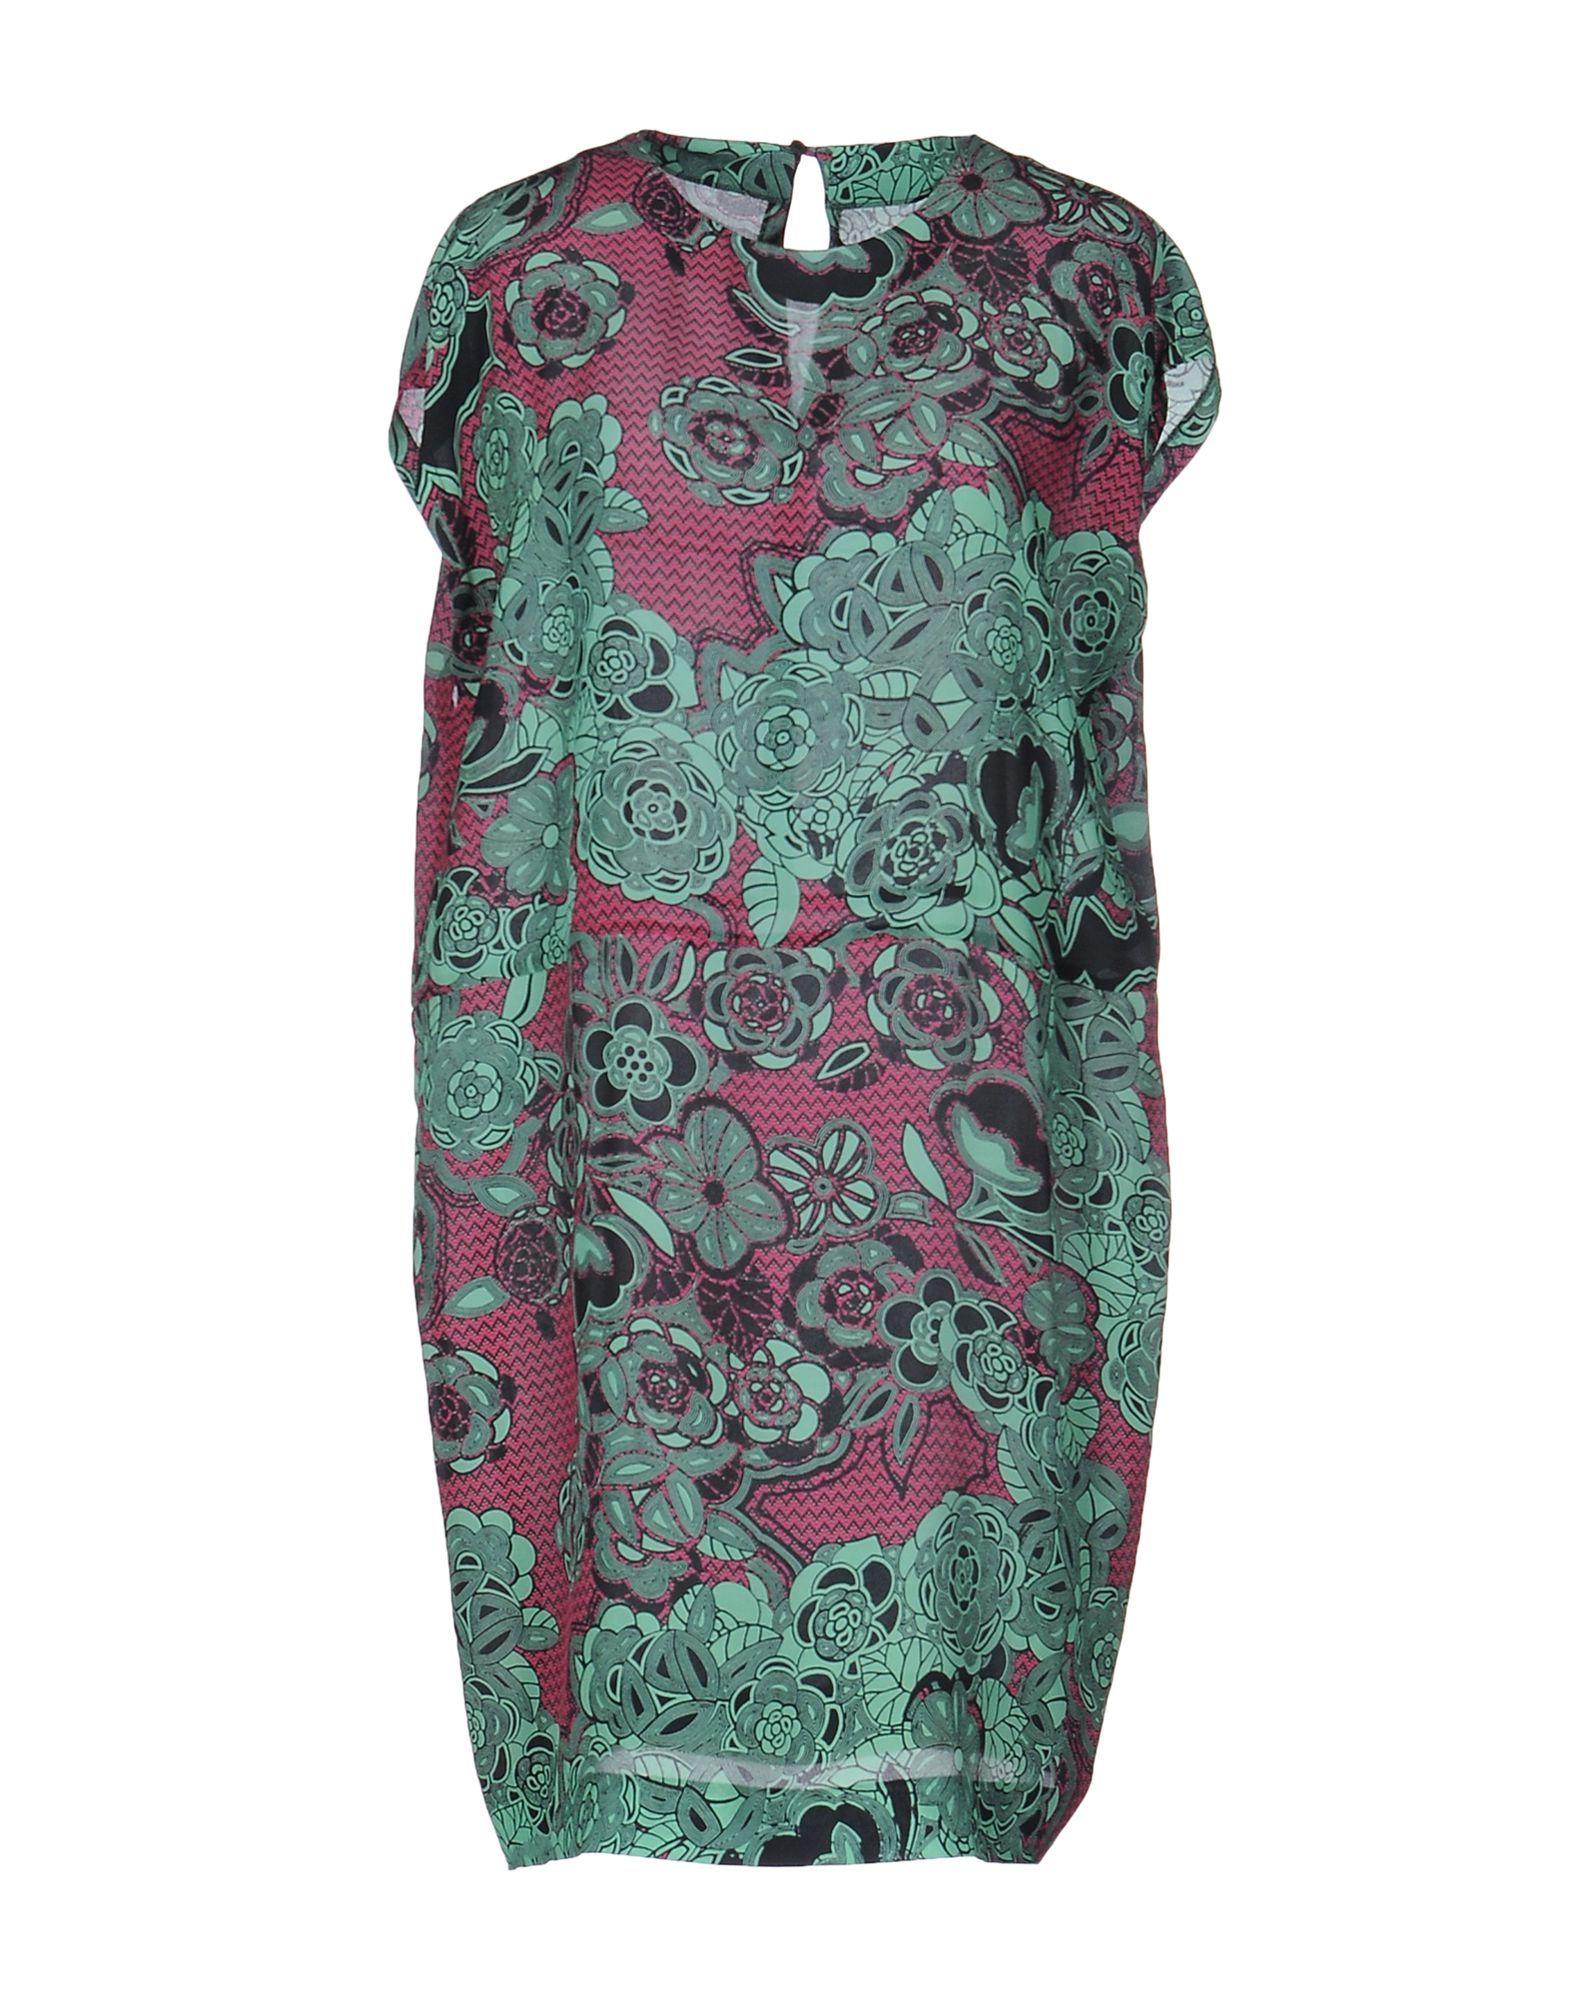 30a27e425b30b2 M MISSONI Short dress   355.00 My Wish List